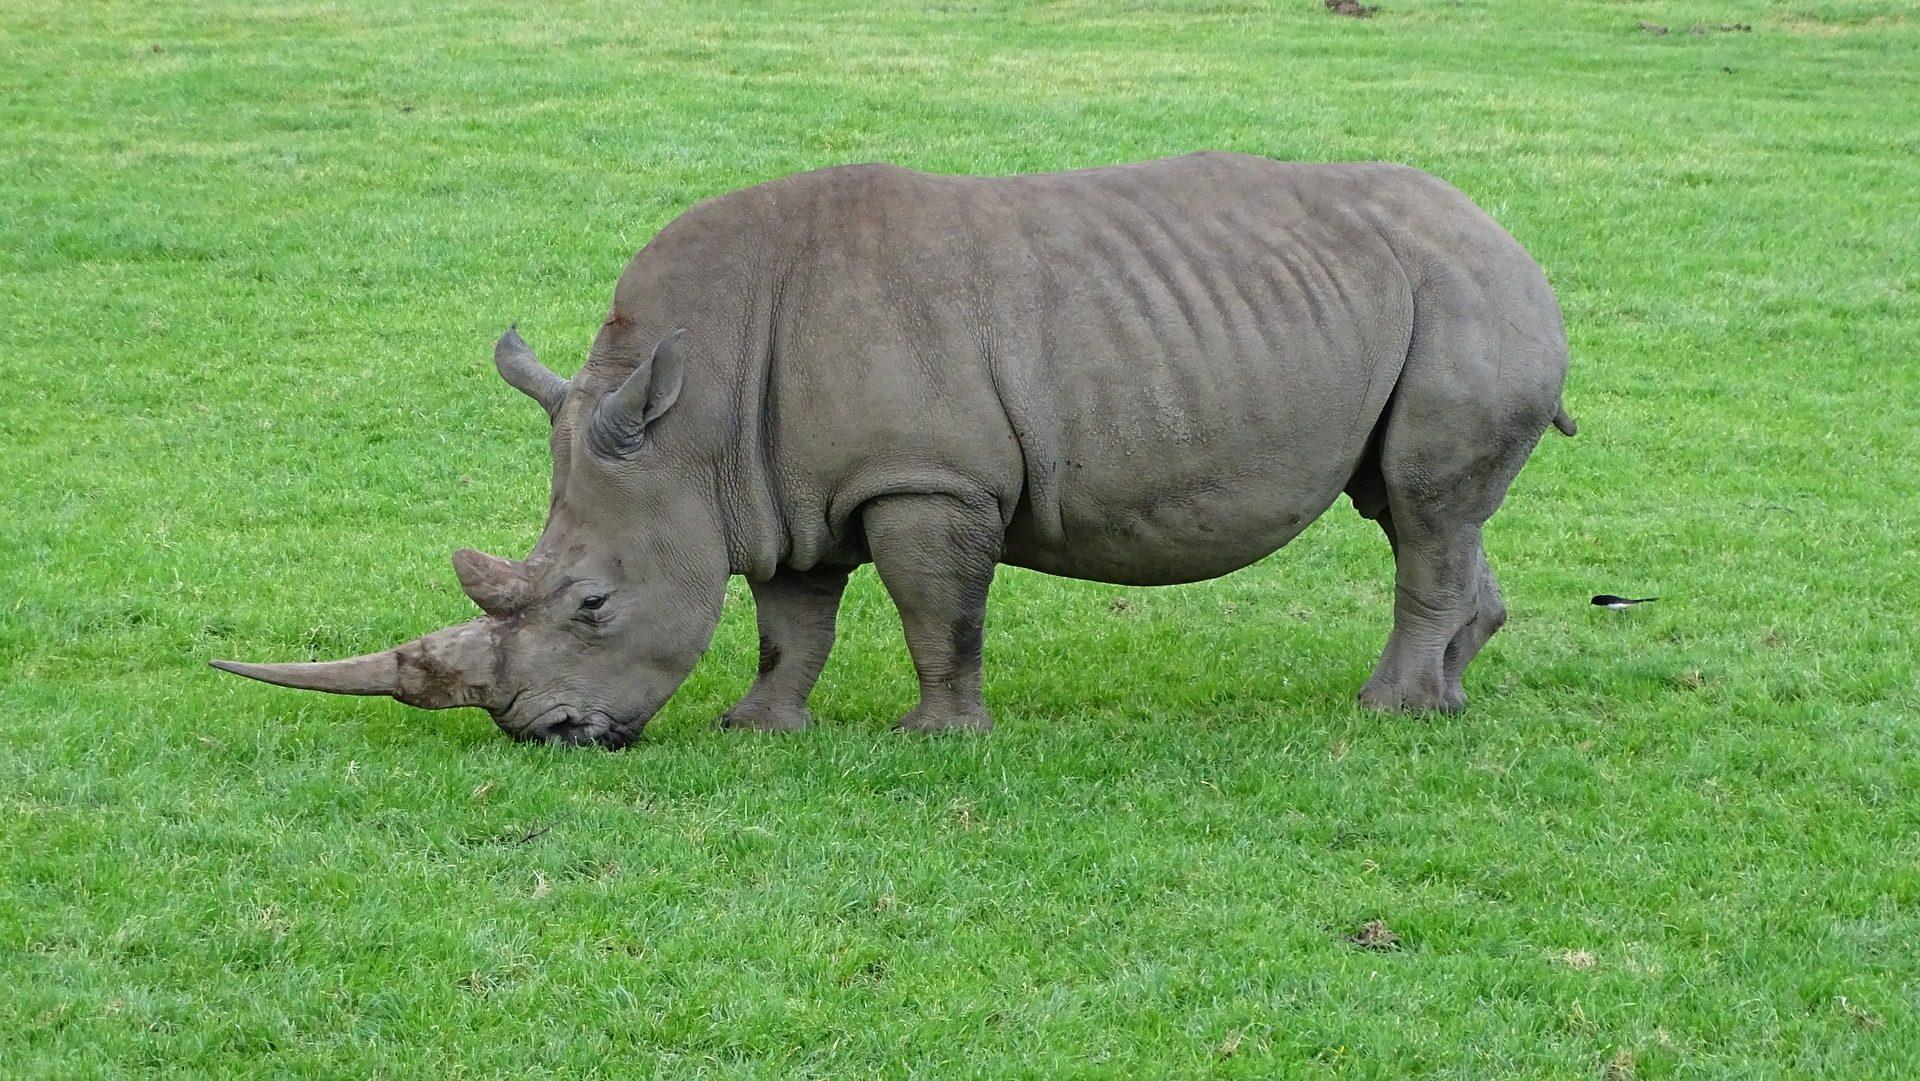 Rinoceronte, Selvagem, Chifre, campo, perigo - Papéis de parede HD - Professor-falken.com